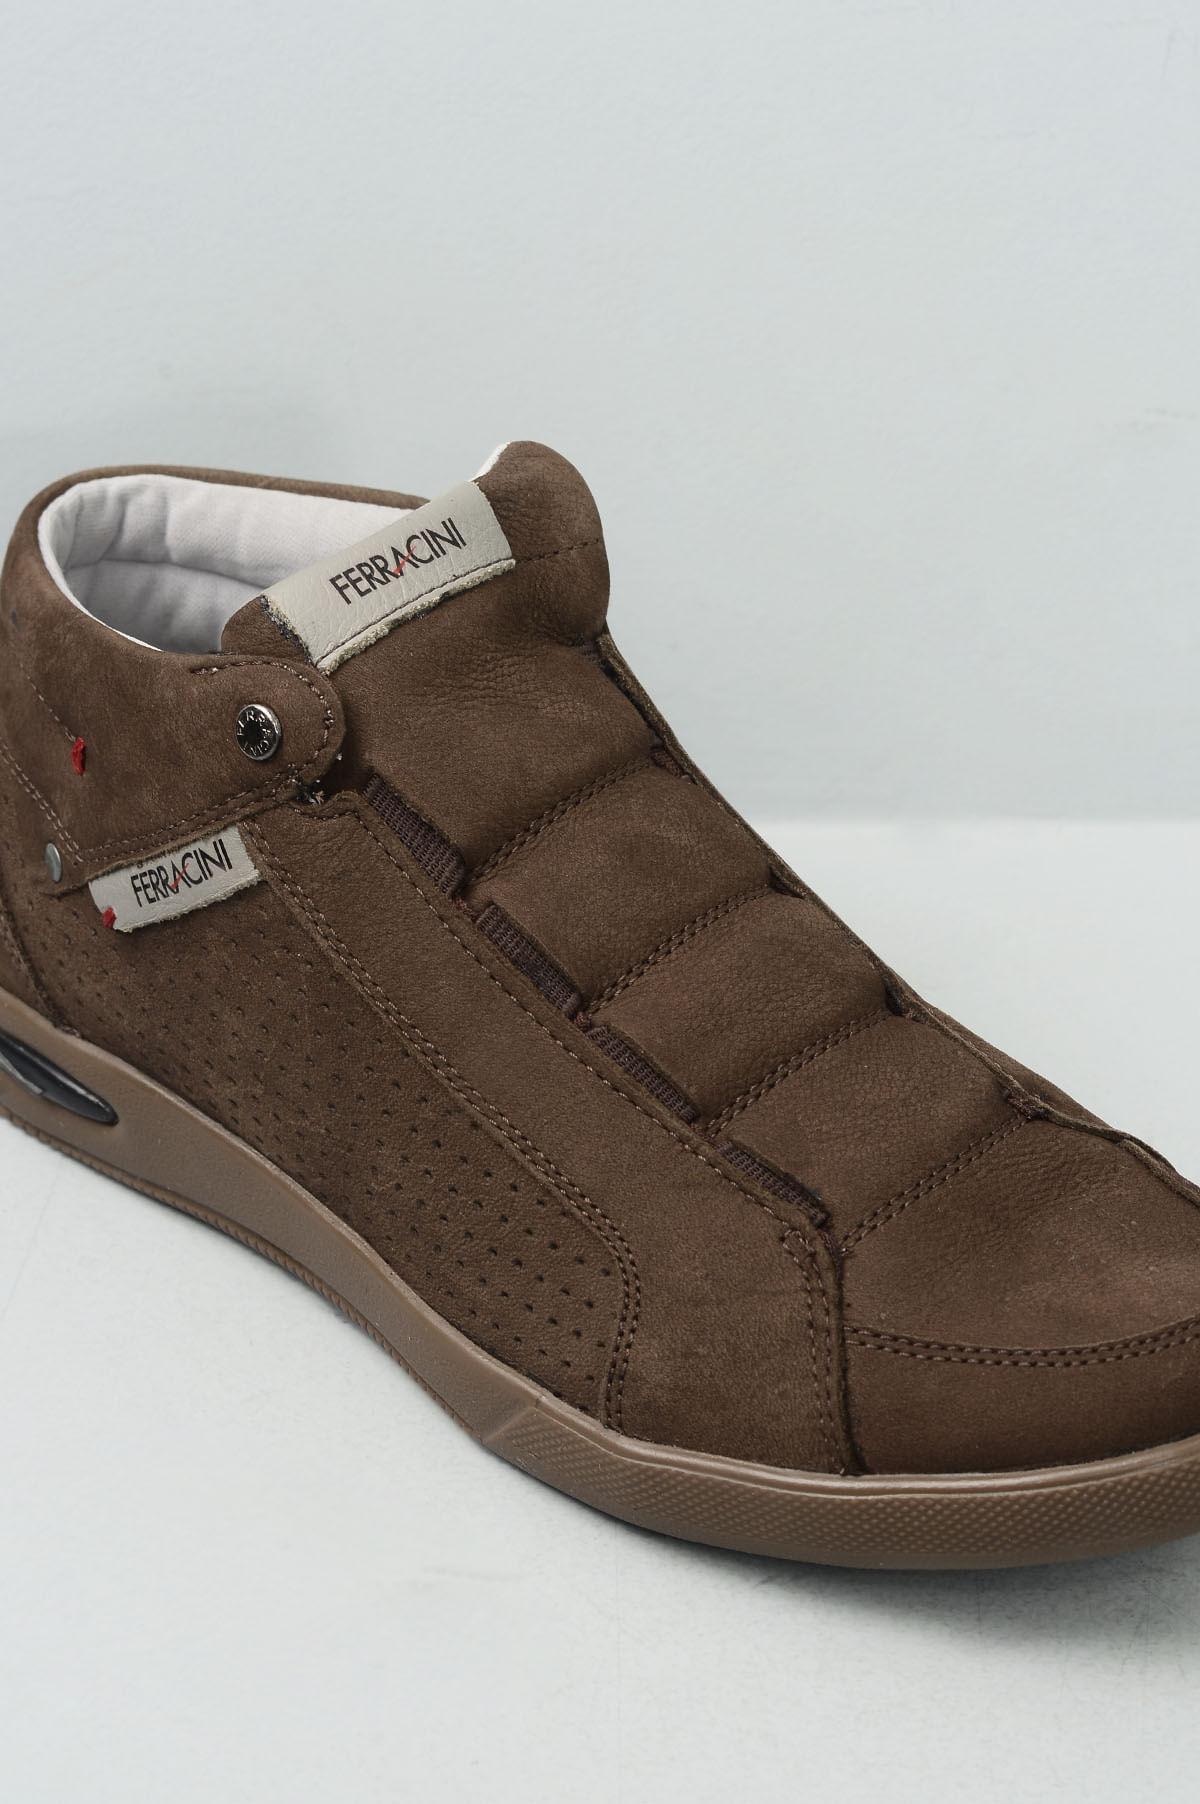 Sapatênis Masculino Ferracini Blady CR - CAFE - Mundial Calçados 8e477235be6d7